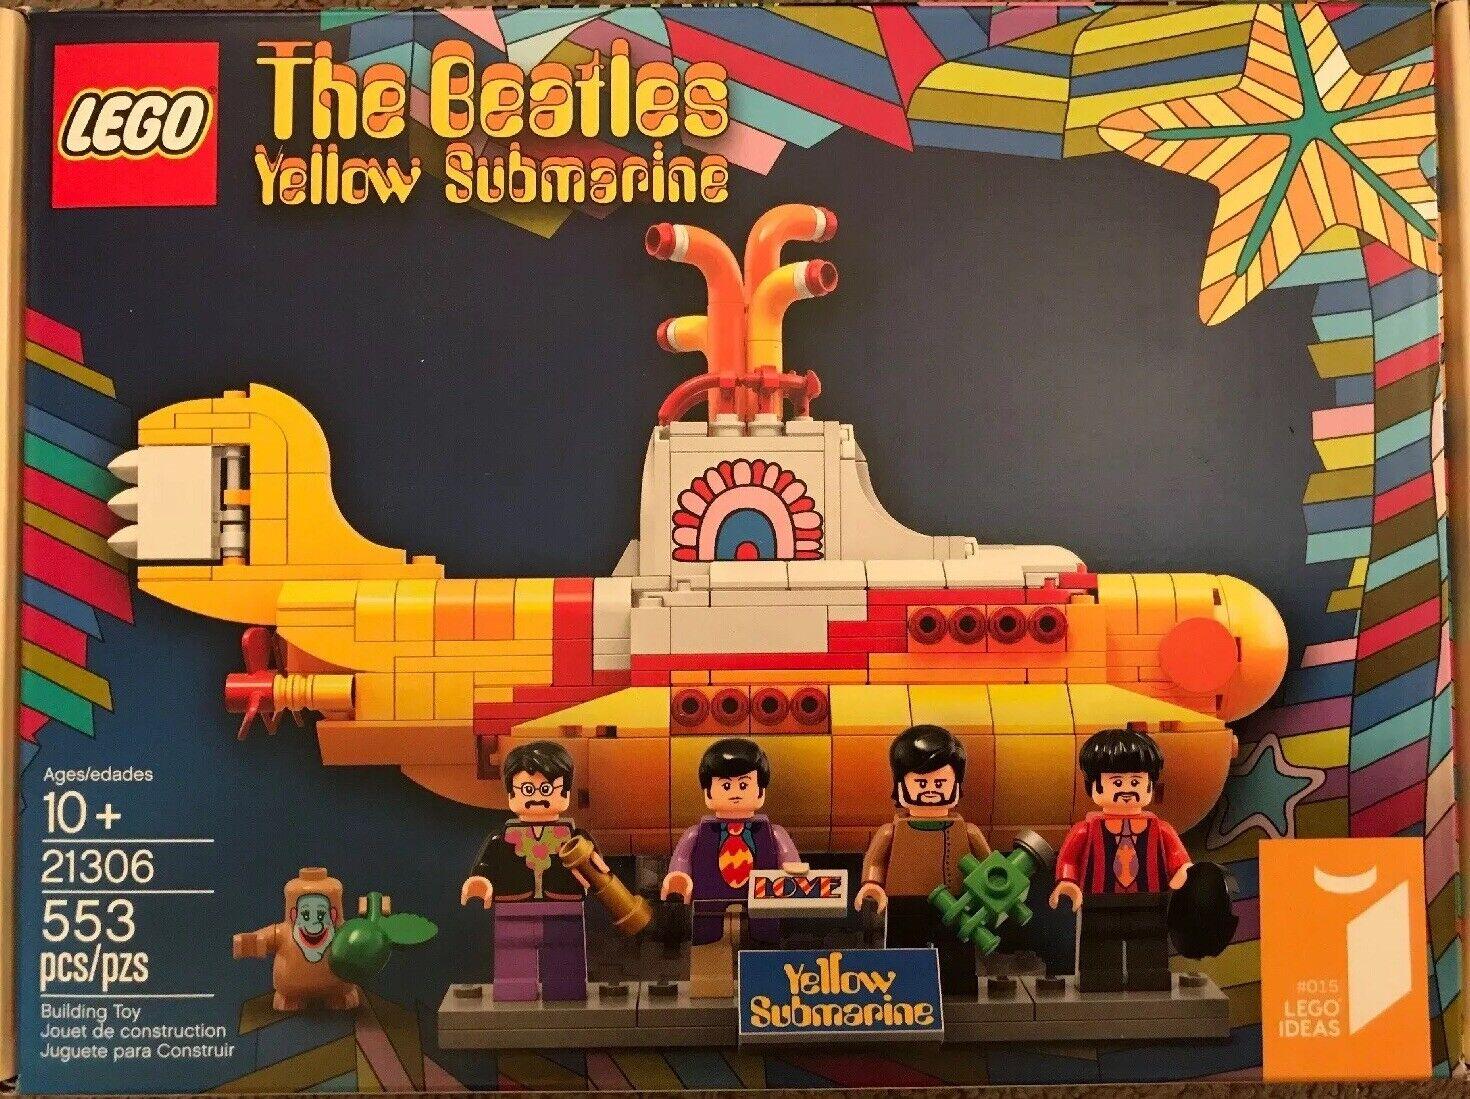 il più recente LEGO Ideas THE BEATLES gituttio gituttio gituttio Submarine LEGO (21306) - BRe nuovo - OOP  consegna veloce e spedizione gratuita per tutti gli ordini